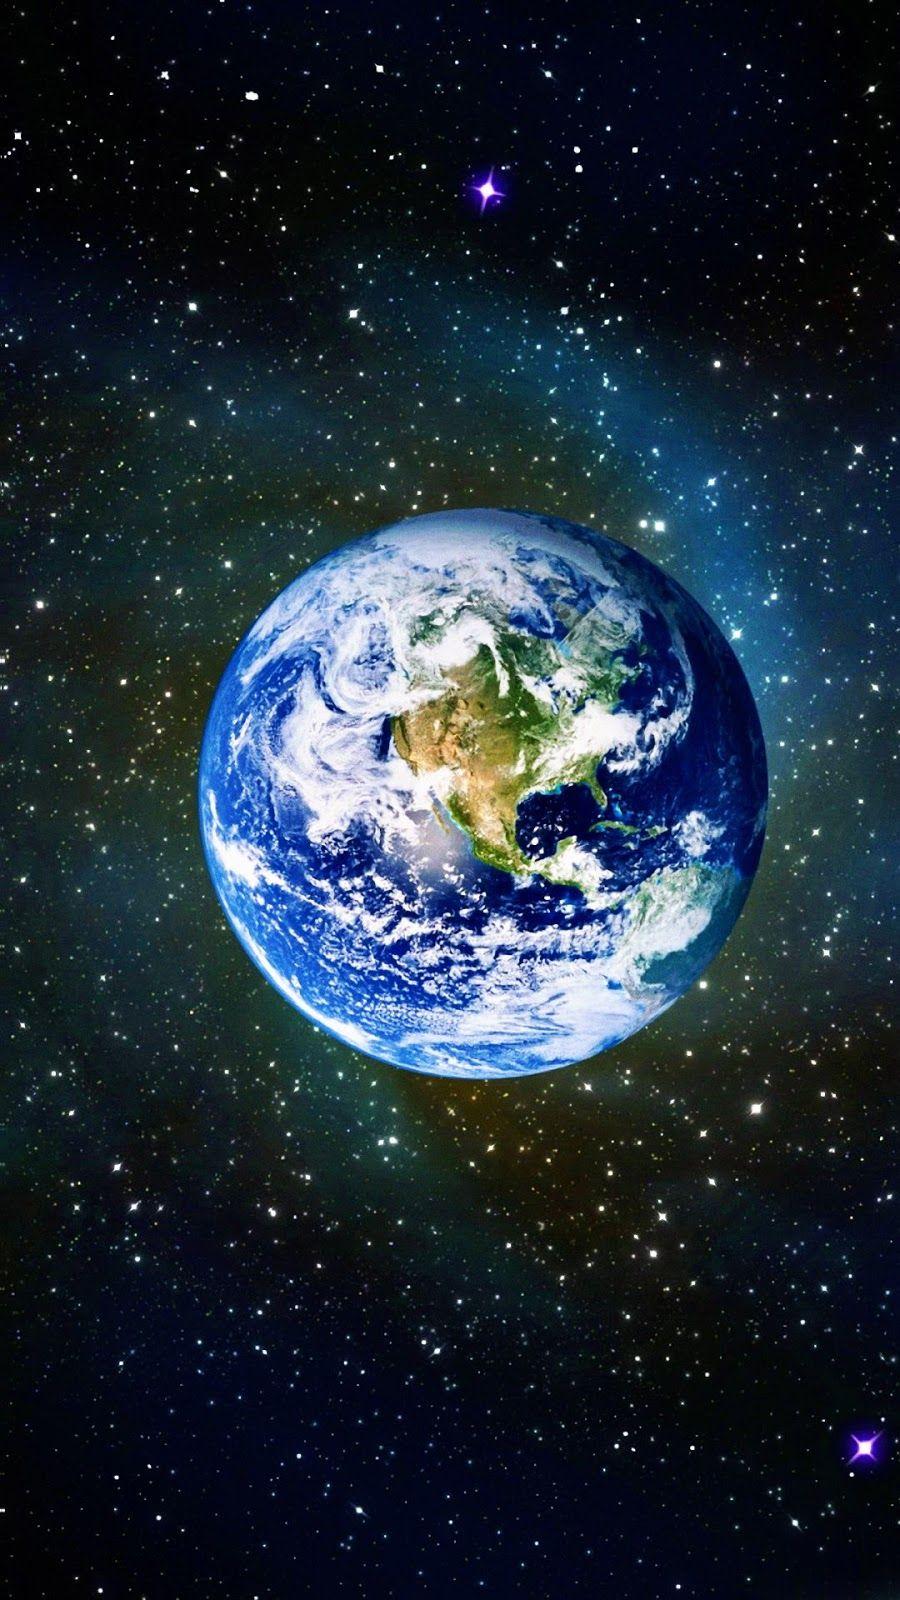 4k Earth Mobile Walpaper Full Hd My Walpaper In 2020 Wallpaper Earth Earth Images Hd Scenic Wallpaper